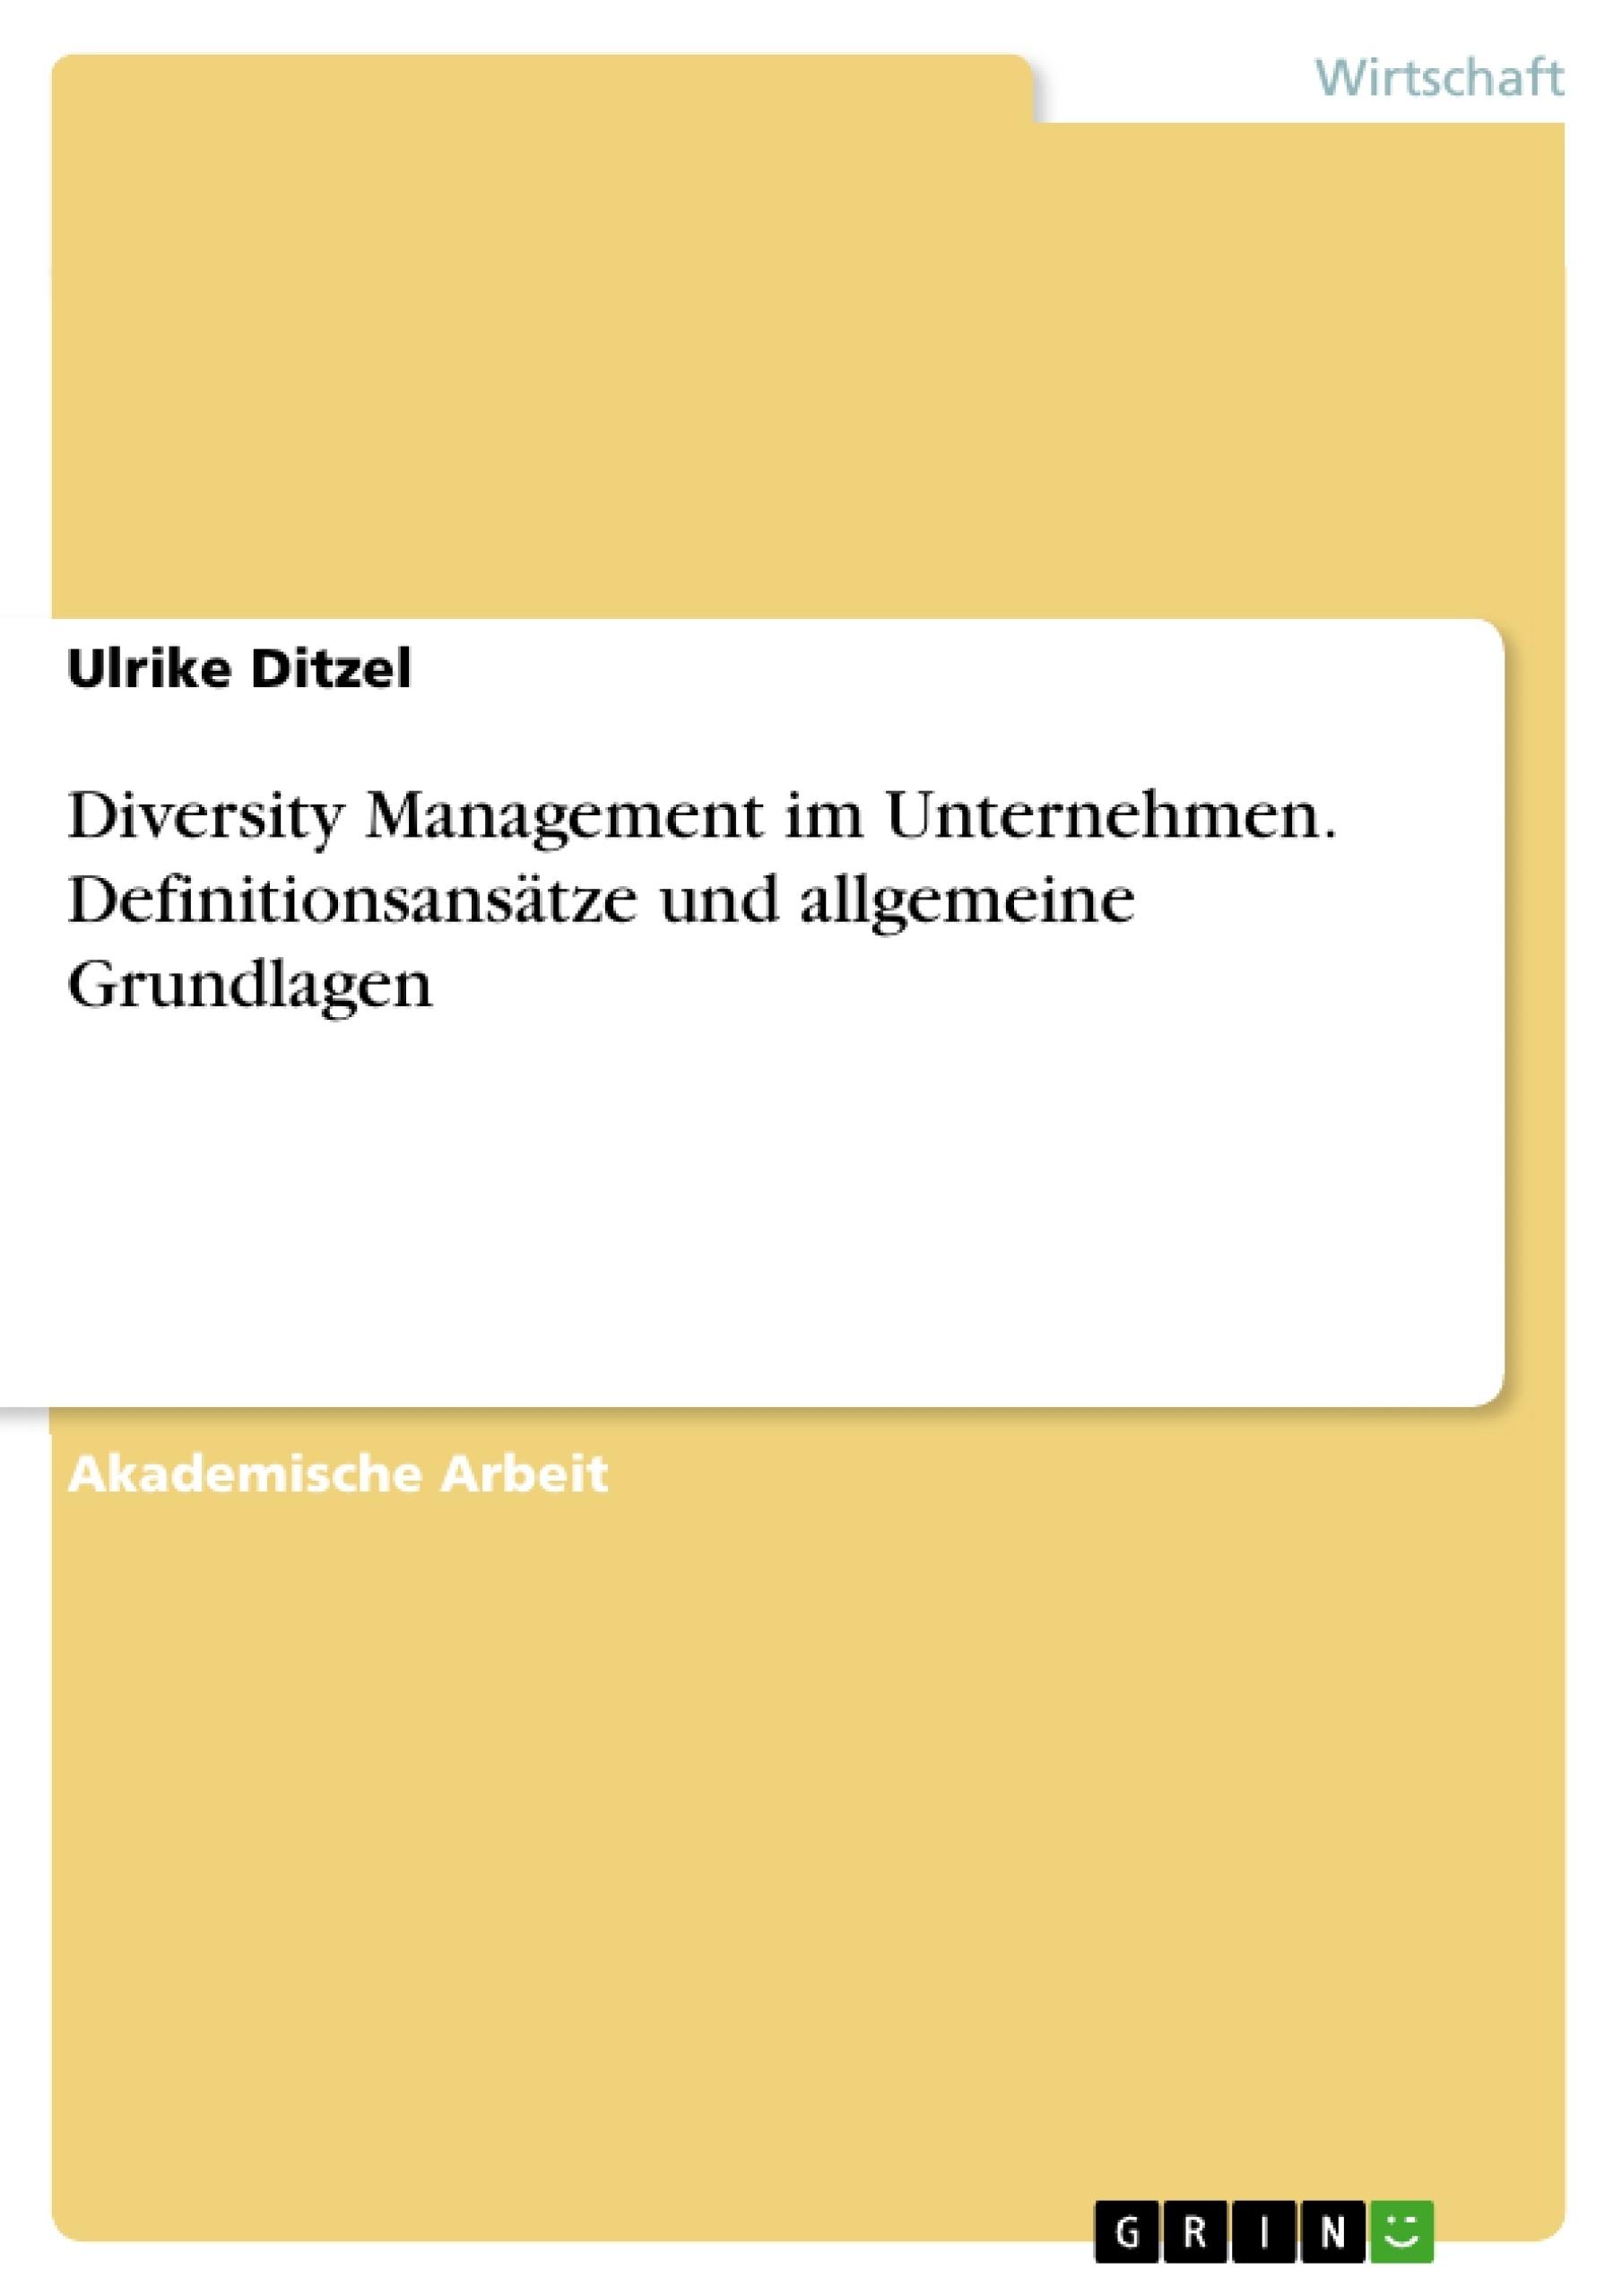 Titel: Diversity Management im Unternehmen. Definitionsansätze und allgemeine Grundlagen